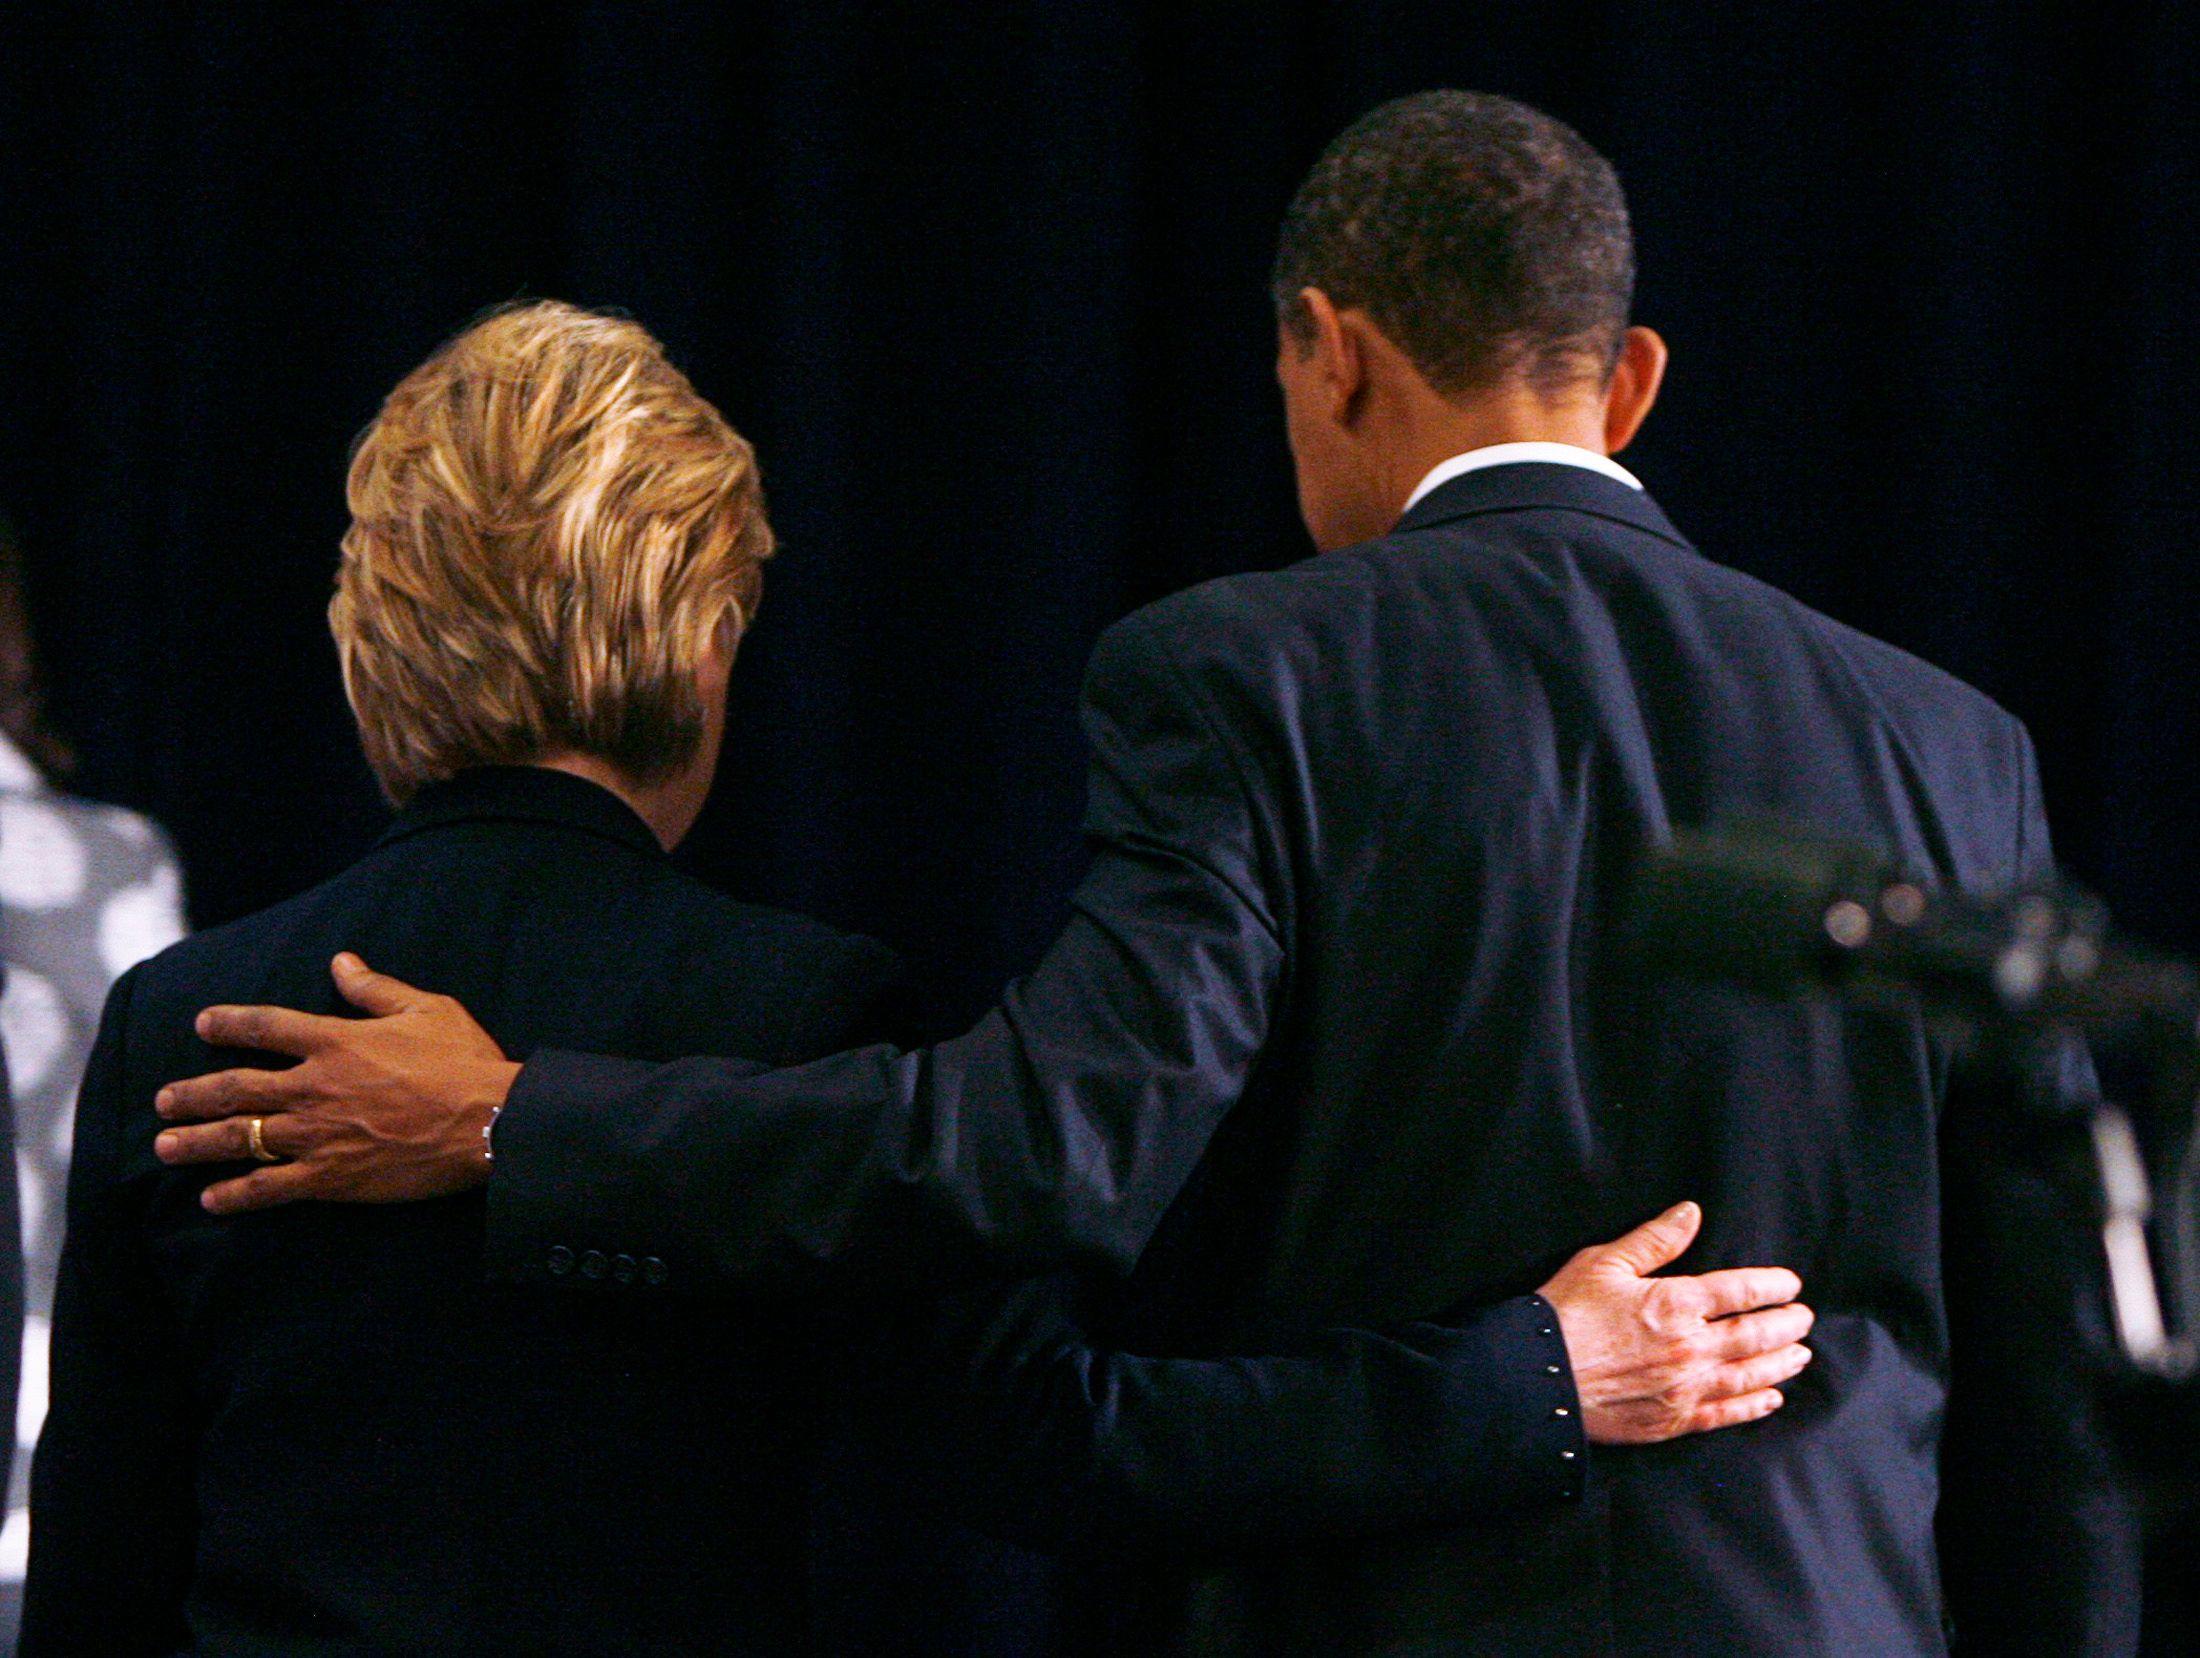 États-Unis : Barack Obama réfléchirait à gracier Hillary Clinton juste avant de partir